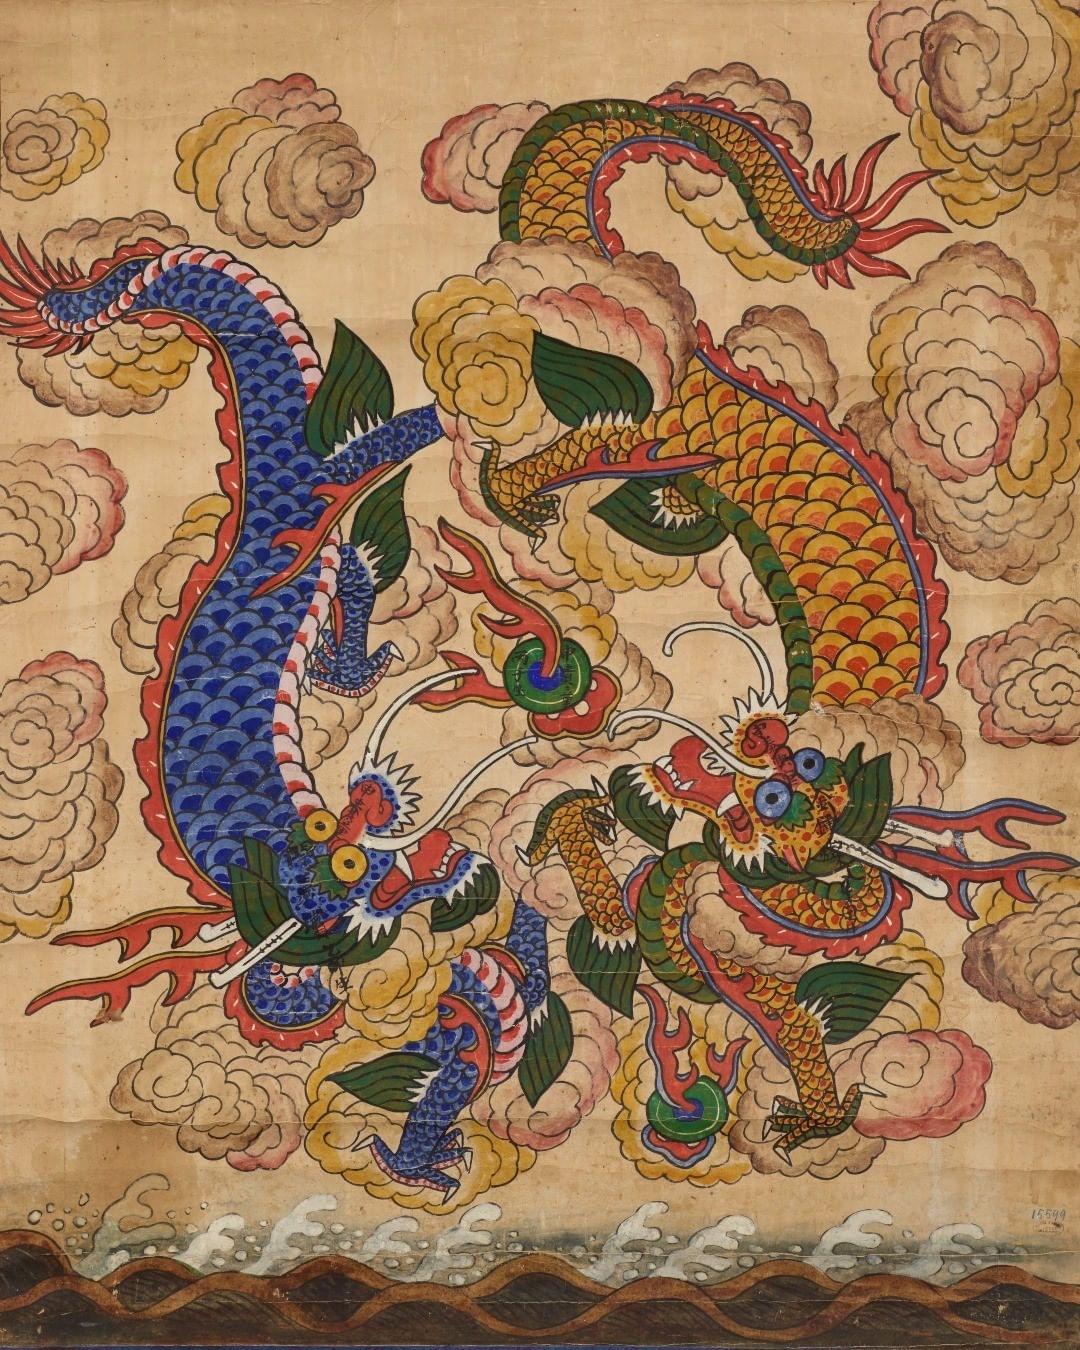 Deux dragons représentés dans les nuées, peinture à l'encre datant du 19e siècle